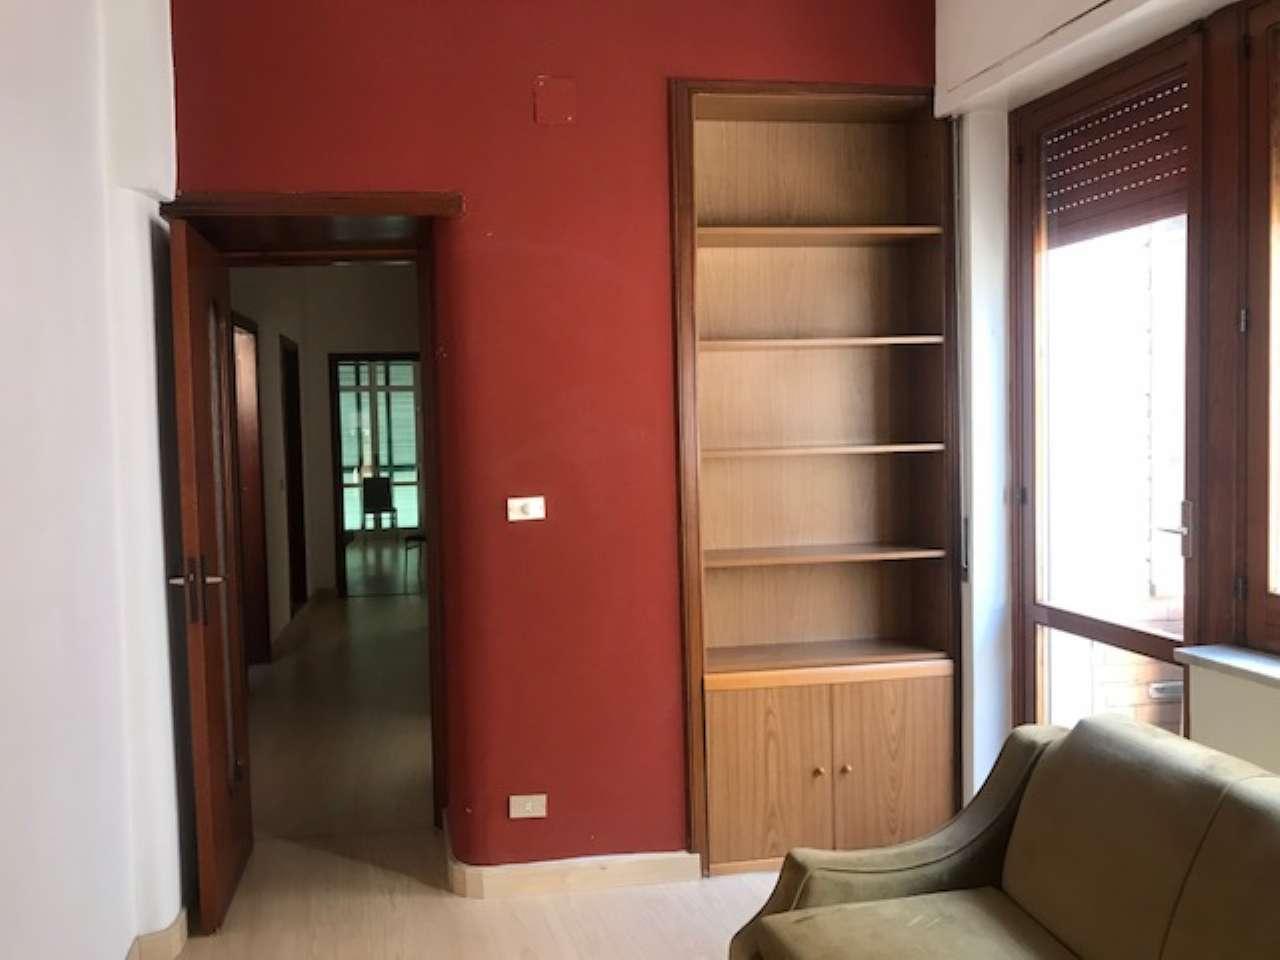 Appartamento arredato in affitto a Nola zona Piazza Duomo